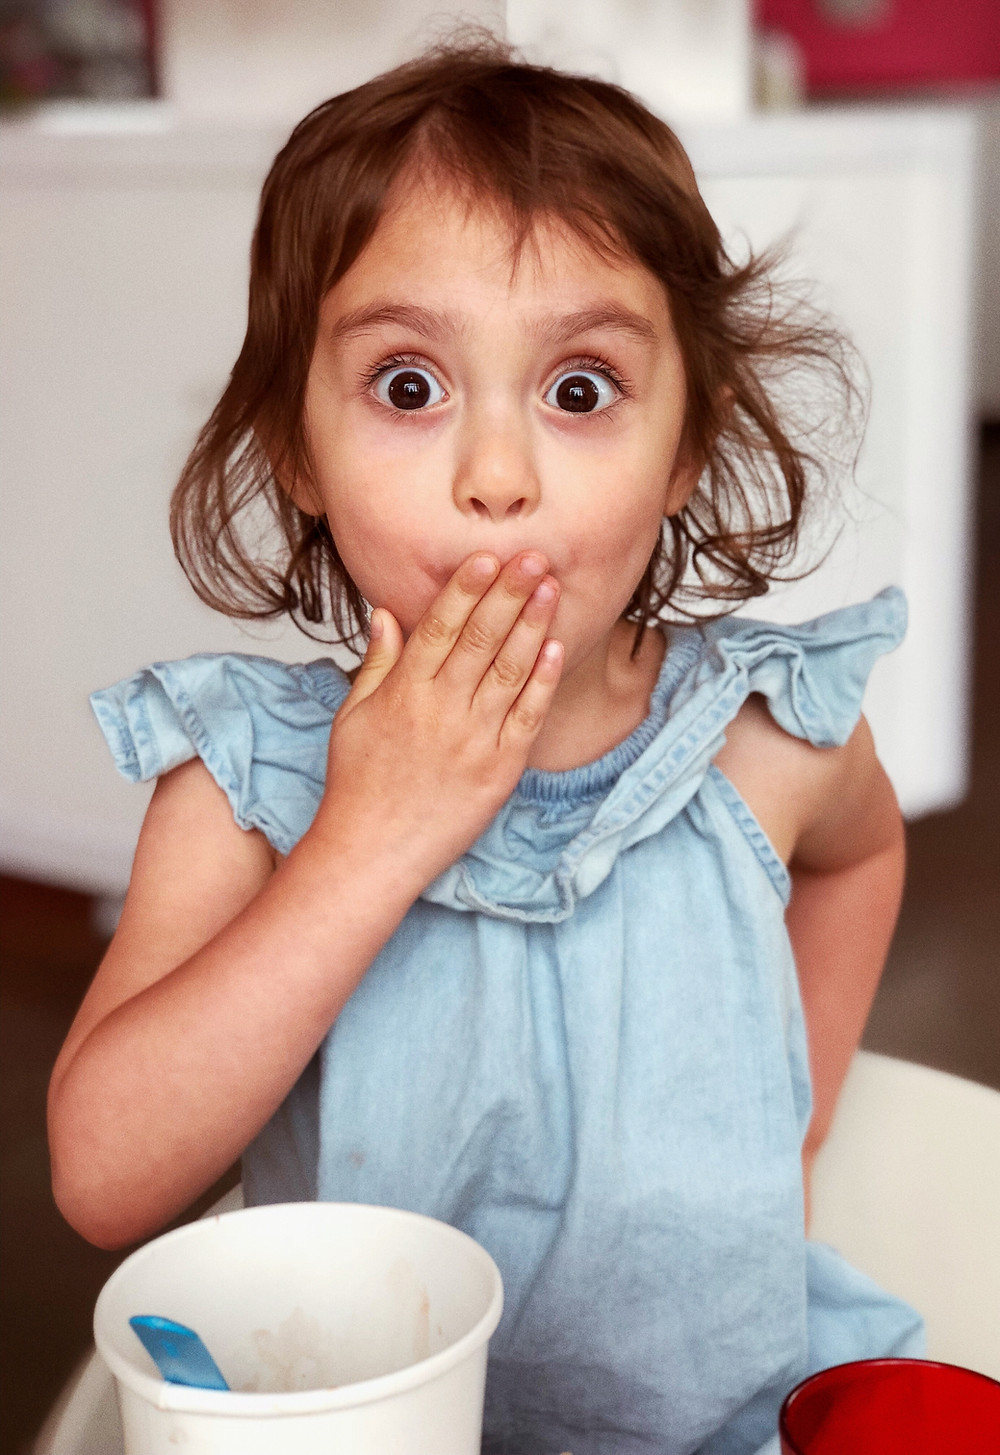 menina jovem com mao tampando a boca e olha de surpresa